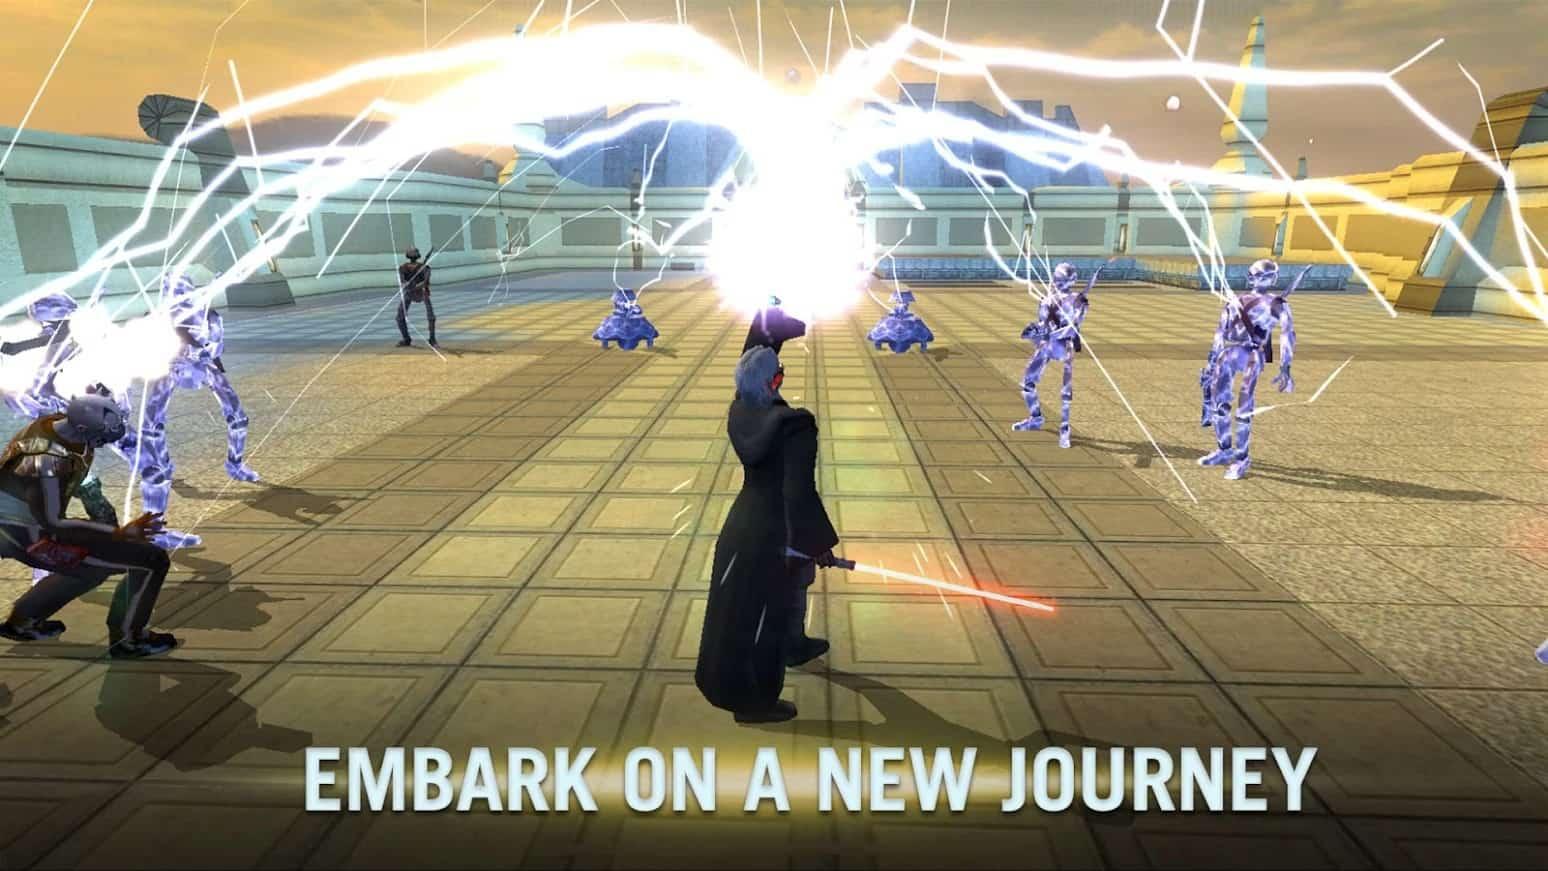 Play Store novos jogos